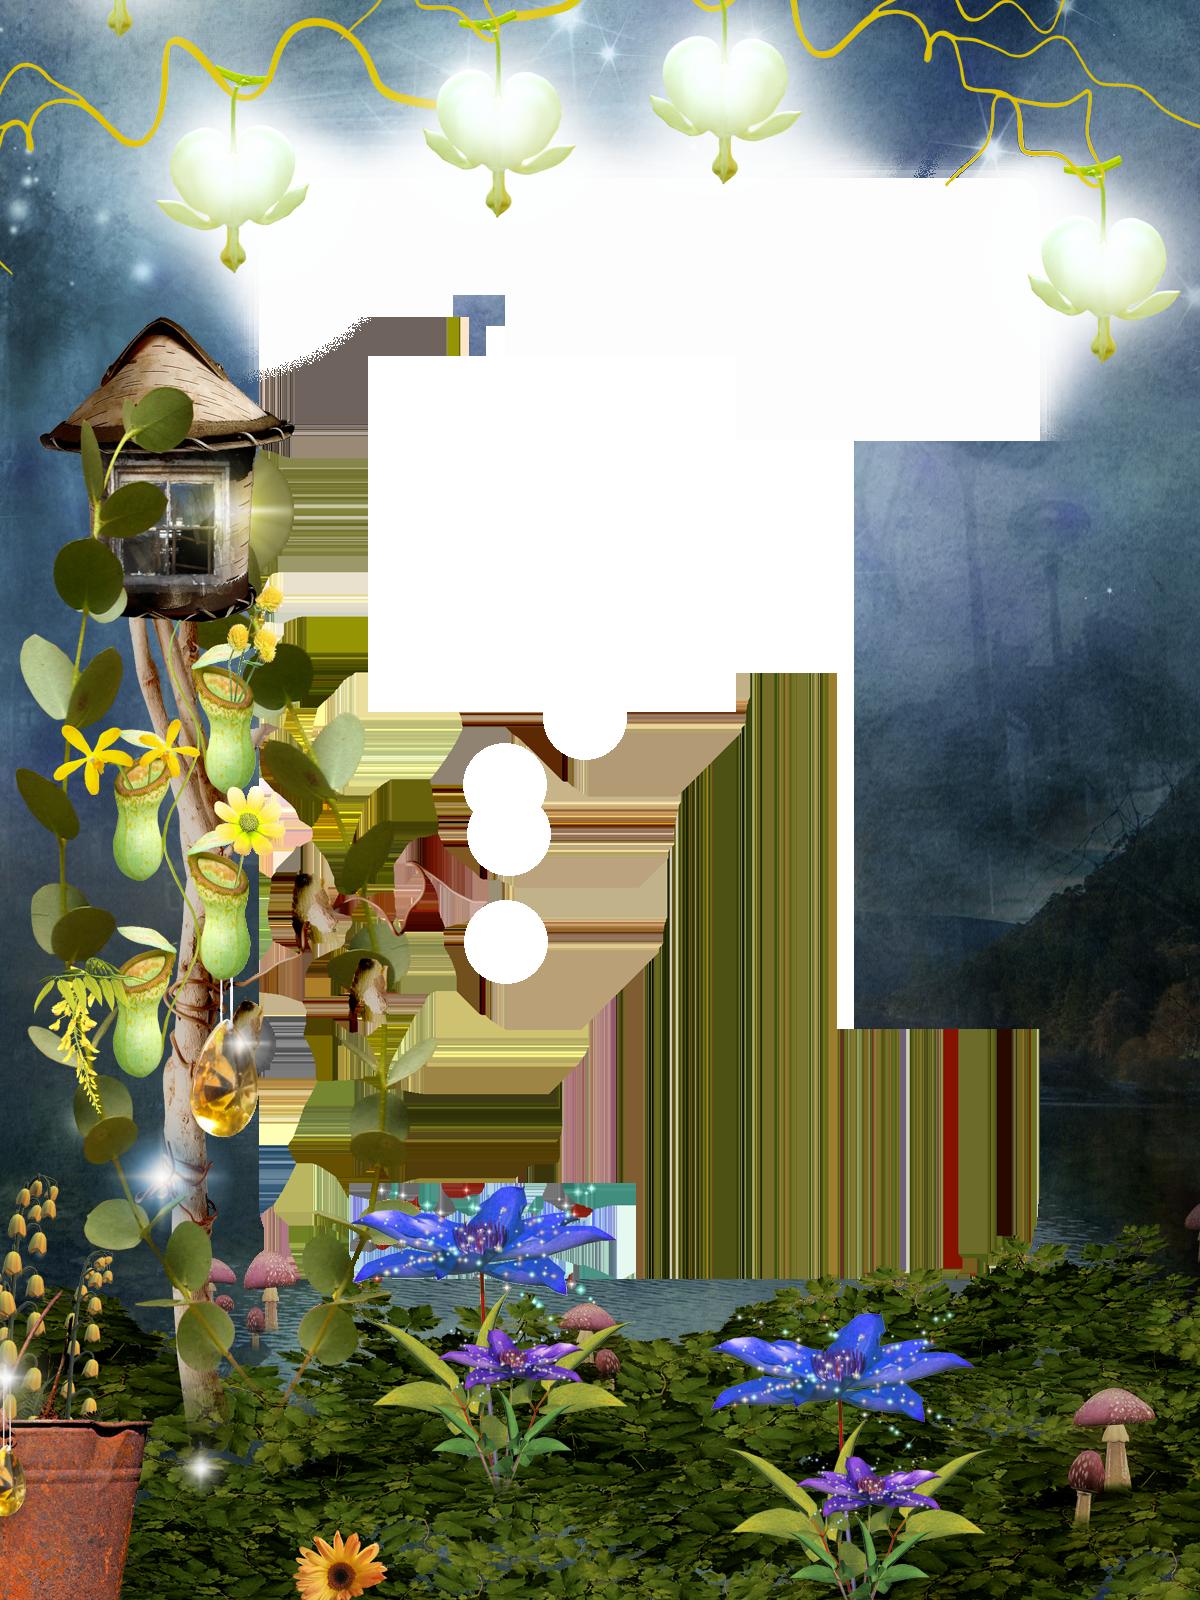 Фоторамка Сказочная фоторамка Фоторамка для фотошопа, PNG шаблон. Фоторамка, комнатные растения, мох, грибы, лоза, фонарики, сказочные цветы. Таинственная открытка с фотографией.